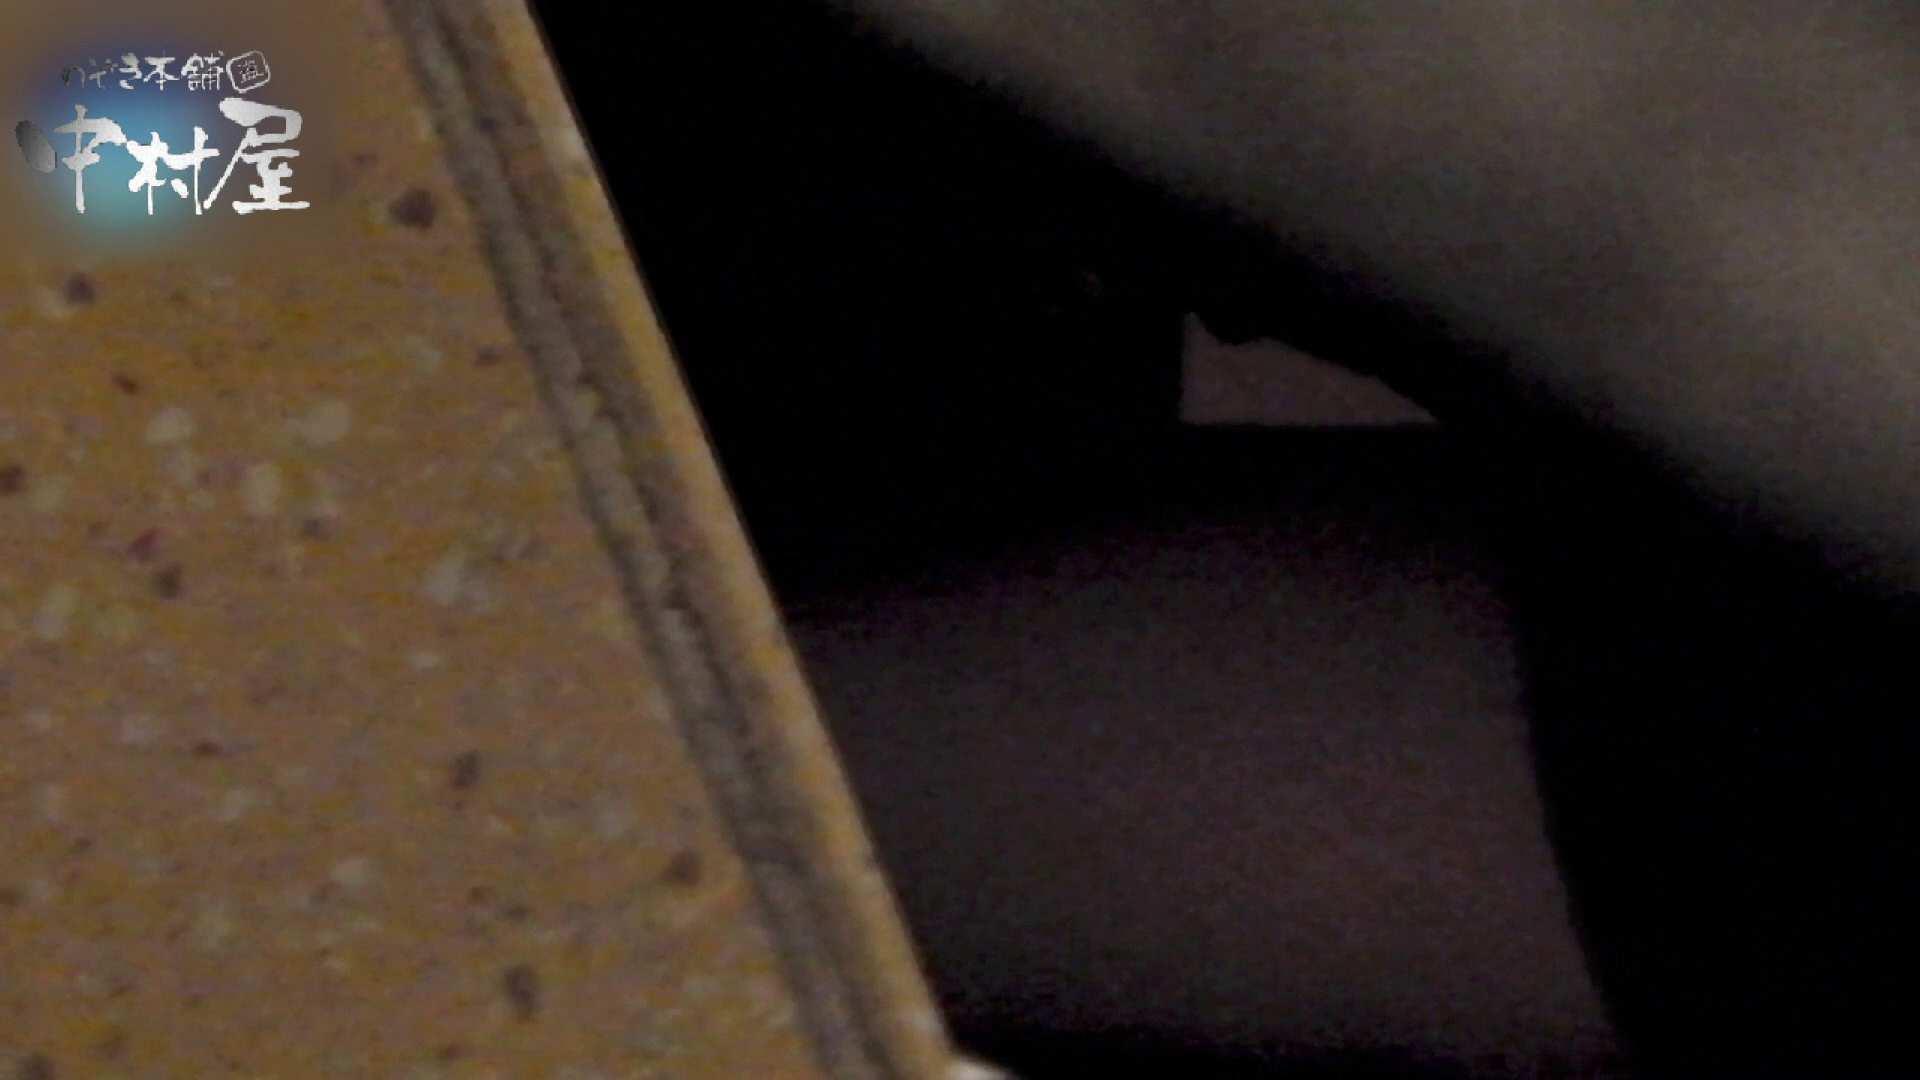 乙女集まる!ショッピングモール潜入撮vol.11 美しいOLの裸体 性交動画流出 78pic 68